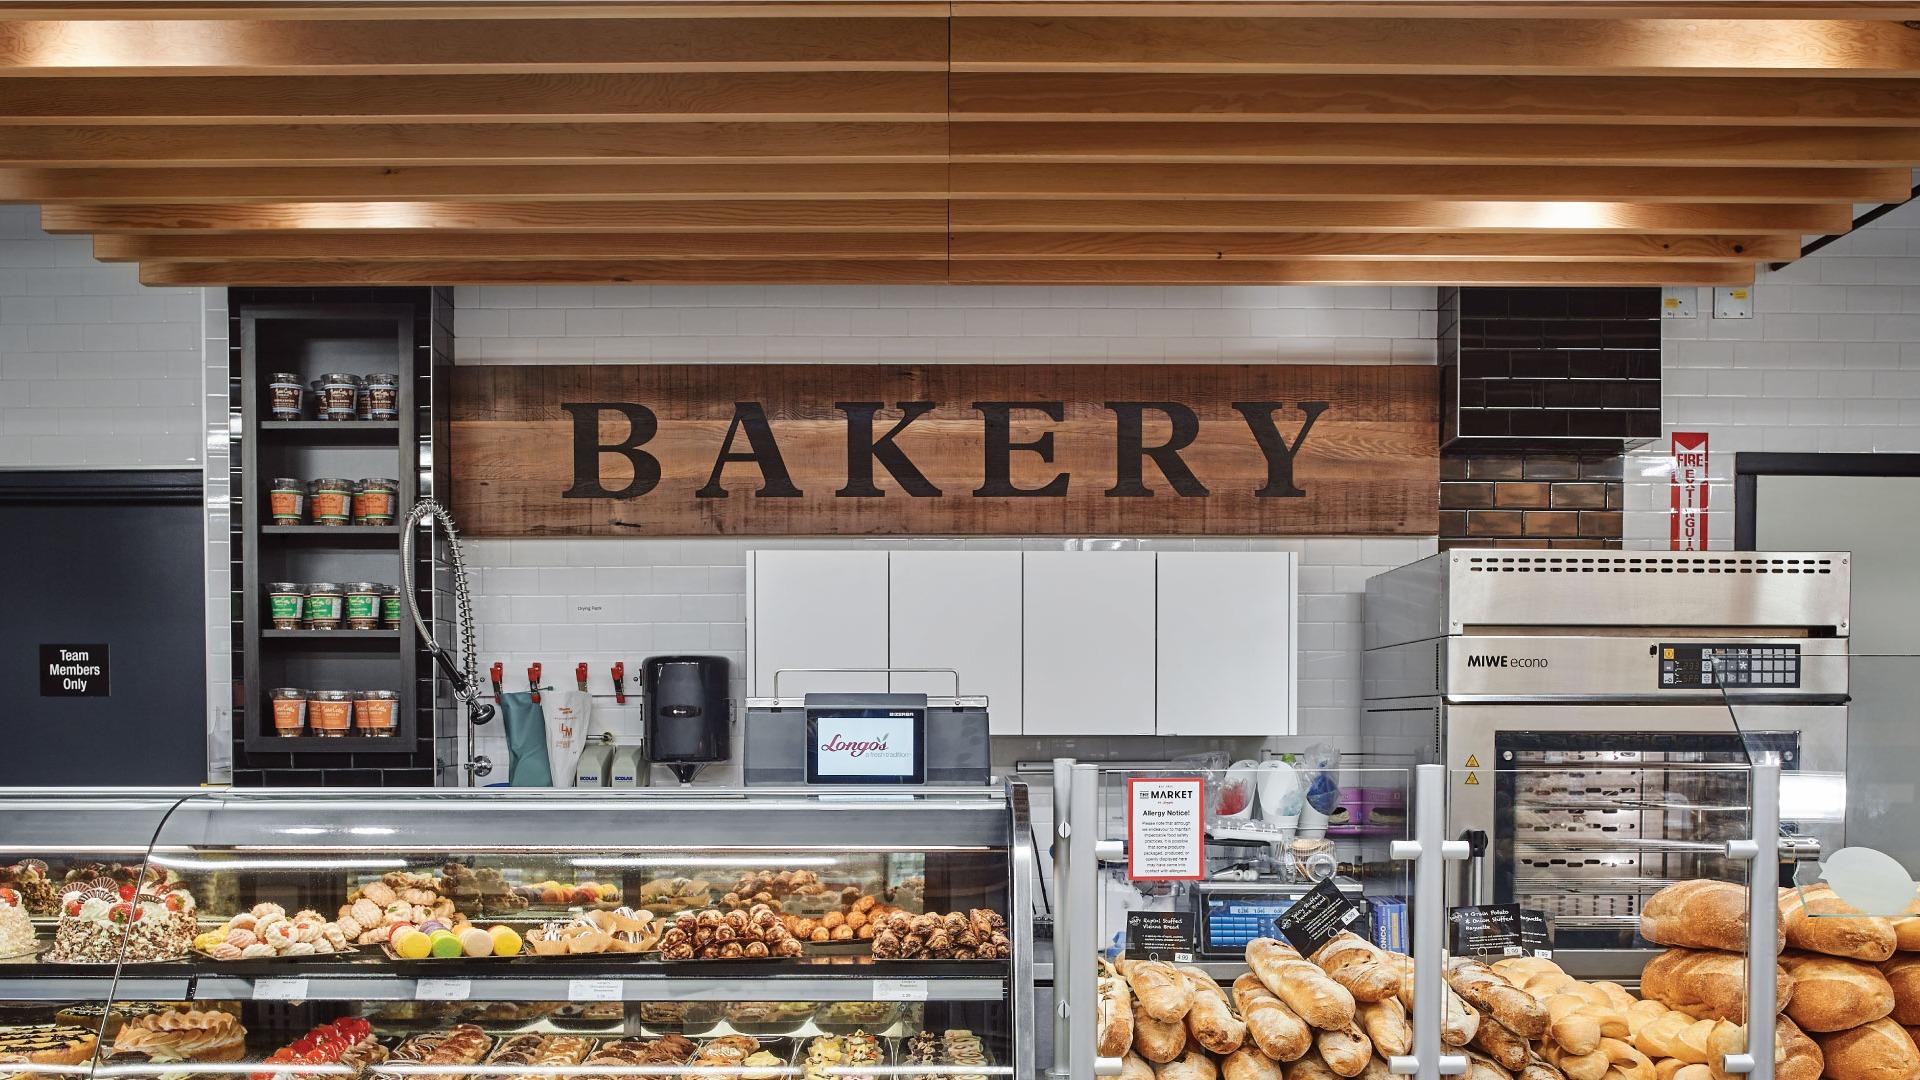 The Market Bakery